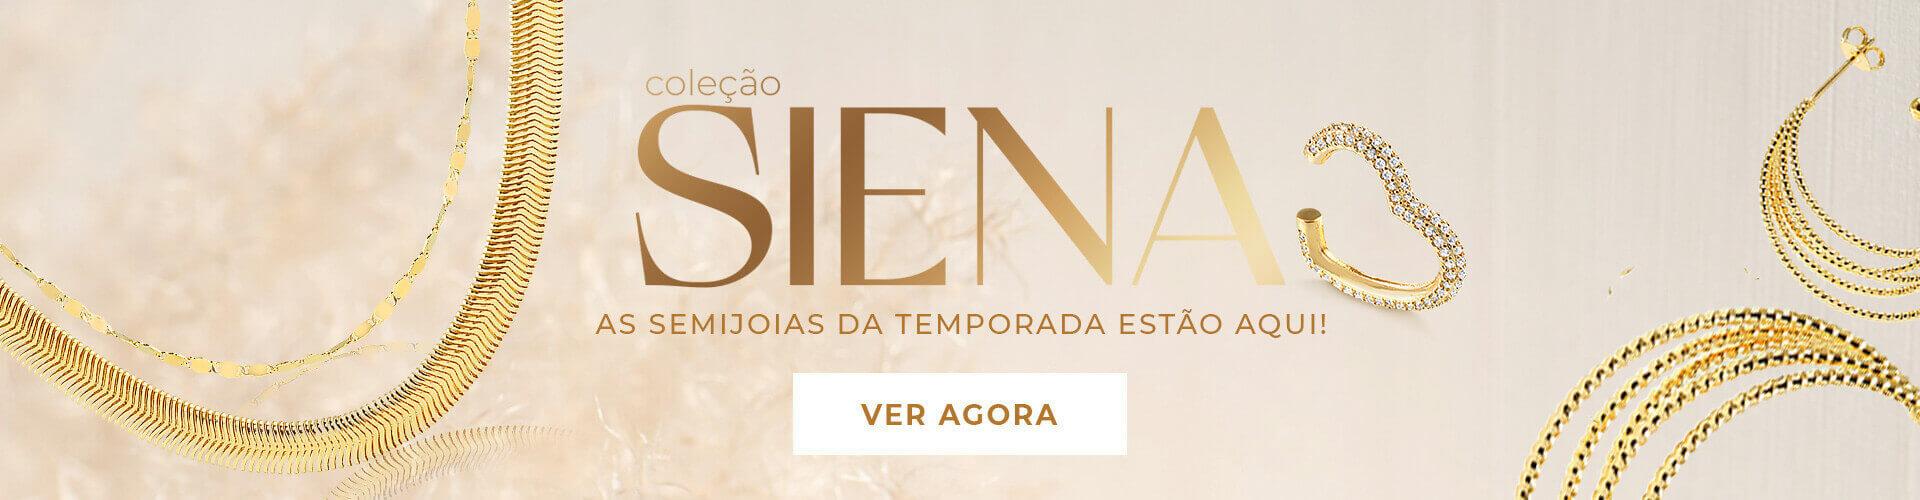 (ativar) Coleção Siena